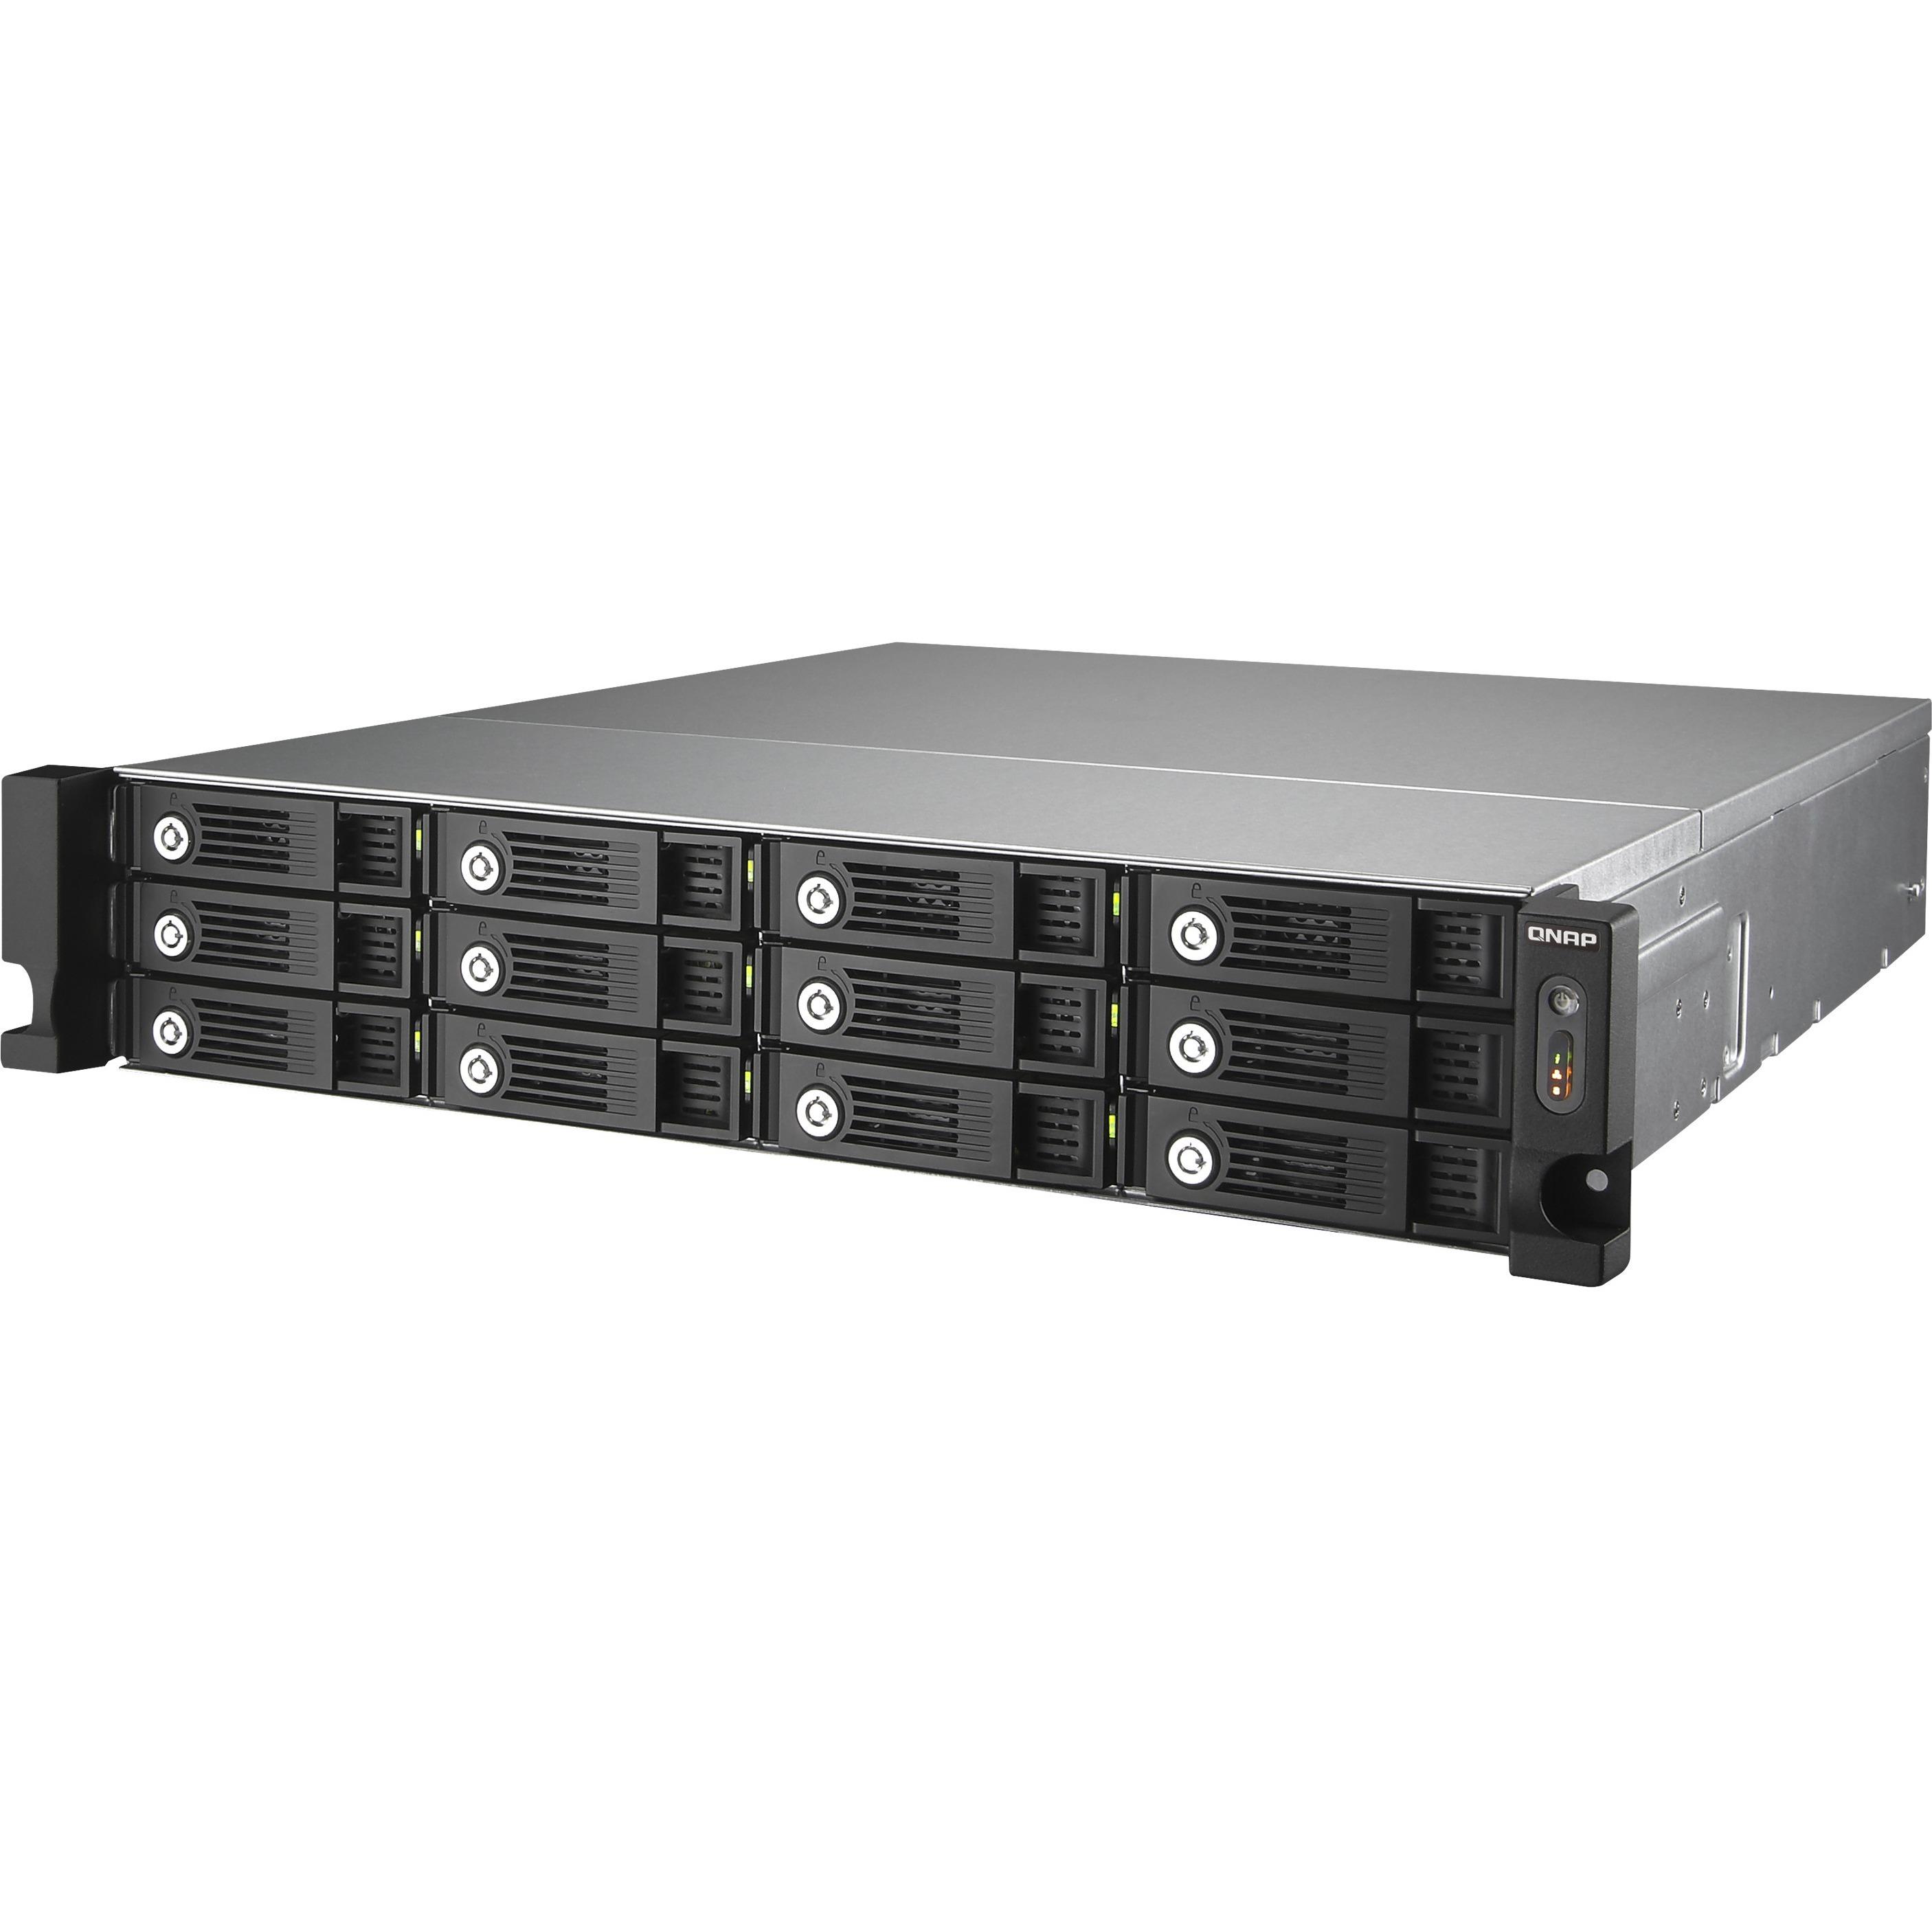 QNAP TS-1253U-RP TurboNAS QTS Driver Download (2019)